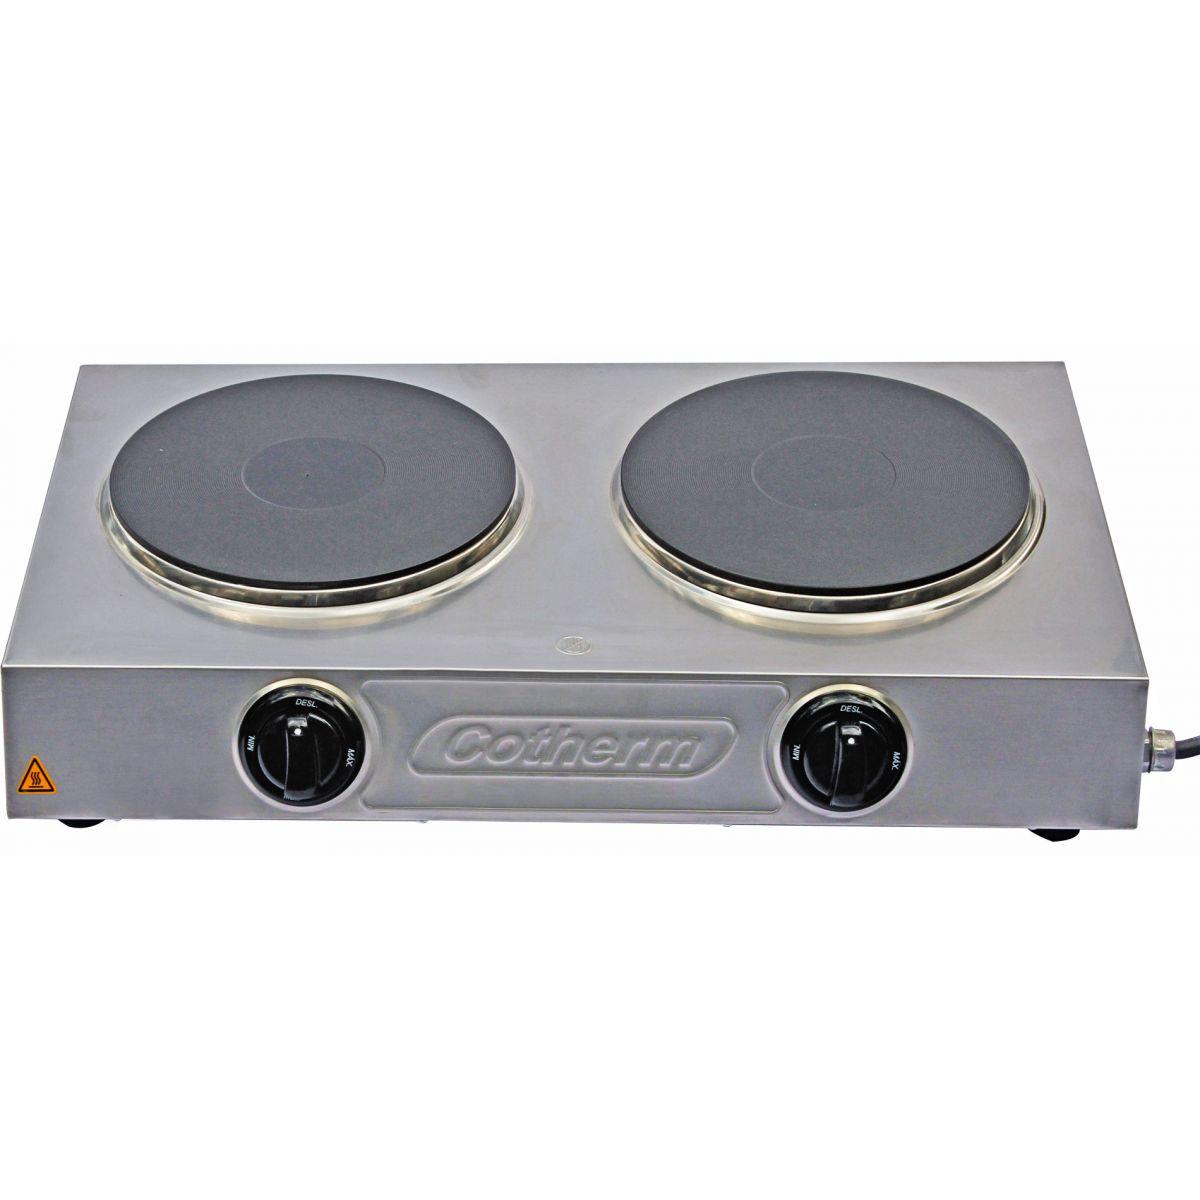 Hot Plate Profissional Ágata 2 Bocas 4000W Cotherm  - Topcom Eletro